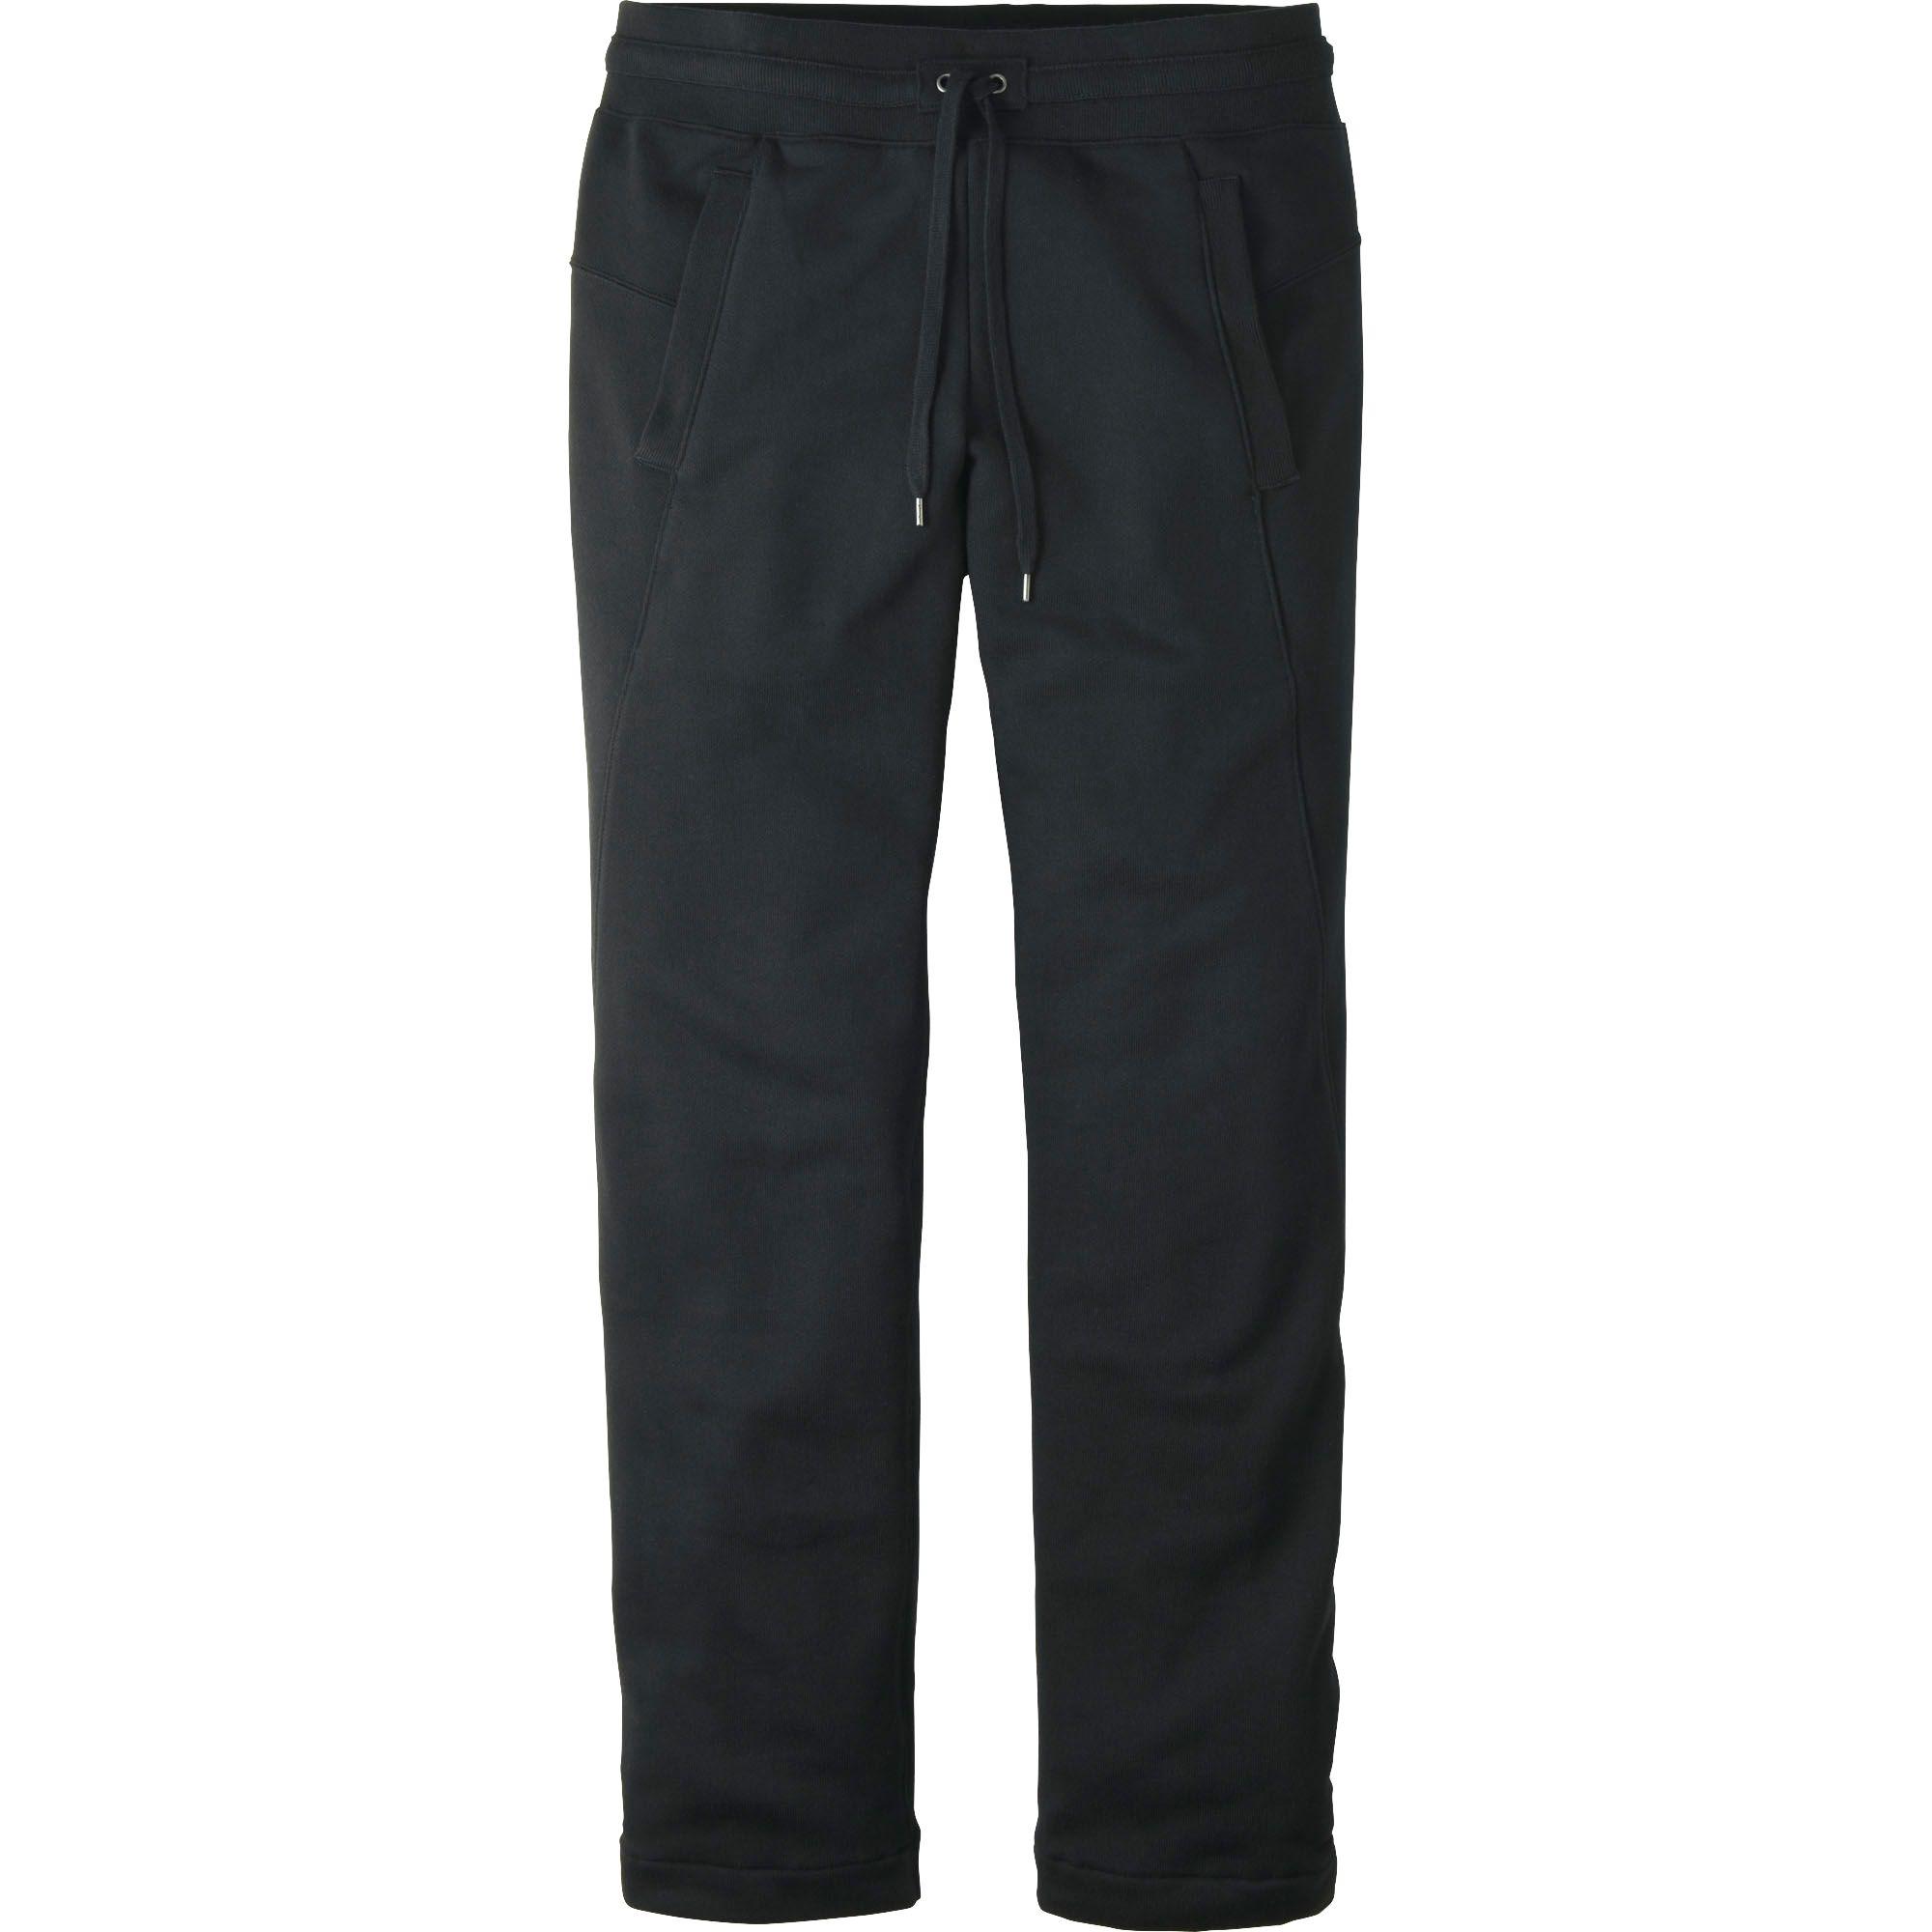 Uniqlo Urban Sweats Trousers In Black For Men